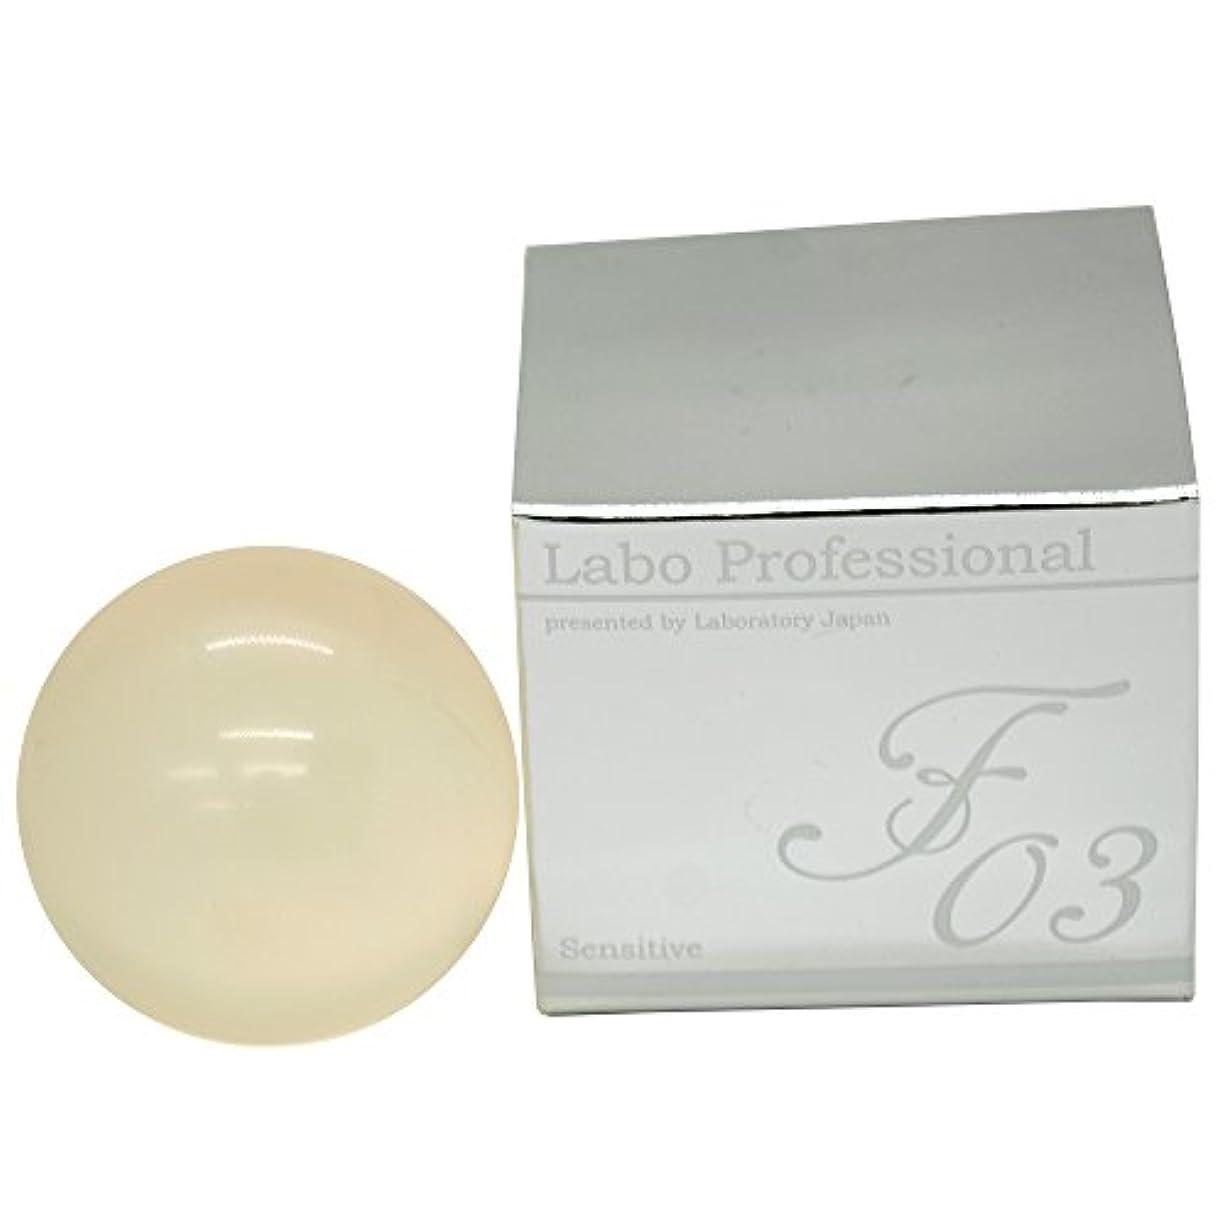 膜アーサー負荷日本製【真性フコイダン配合】赤ちゃんから使える 敏感肌向け美容石鹸|Labo Professional F03